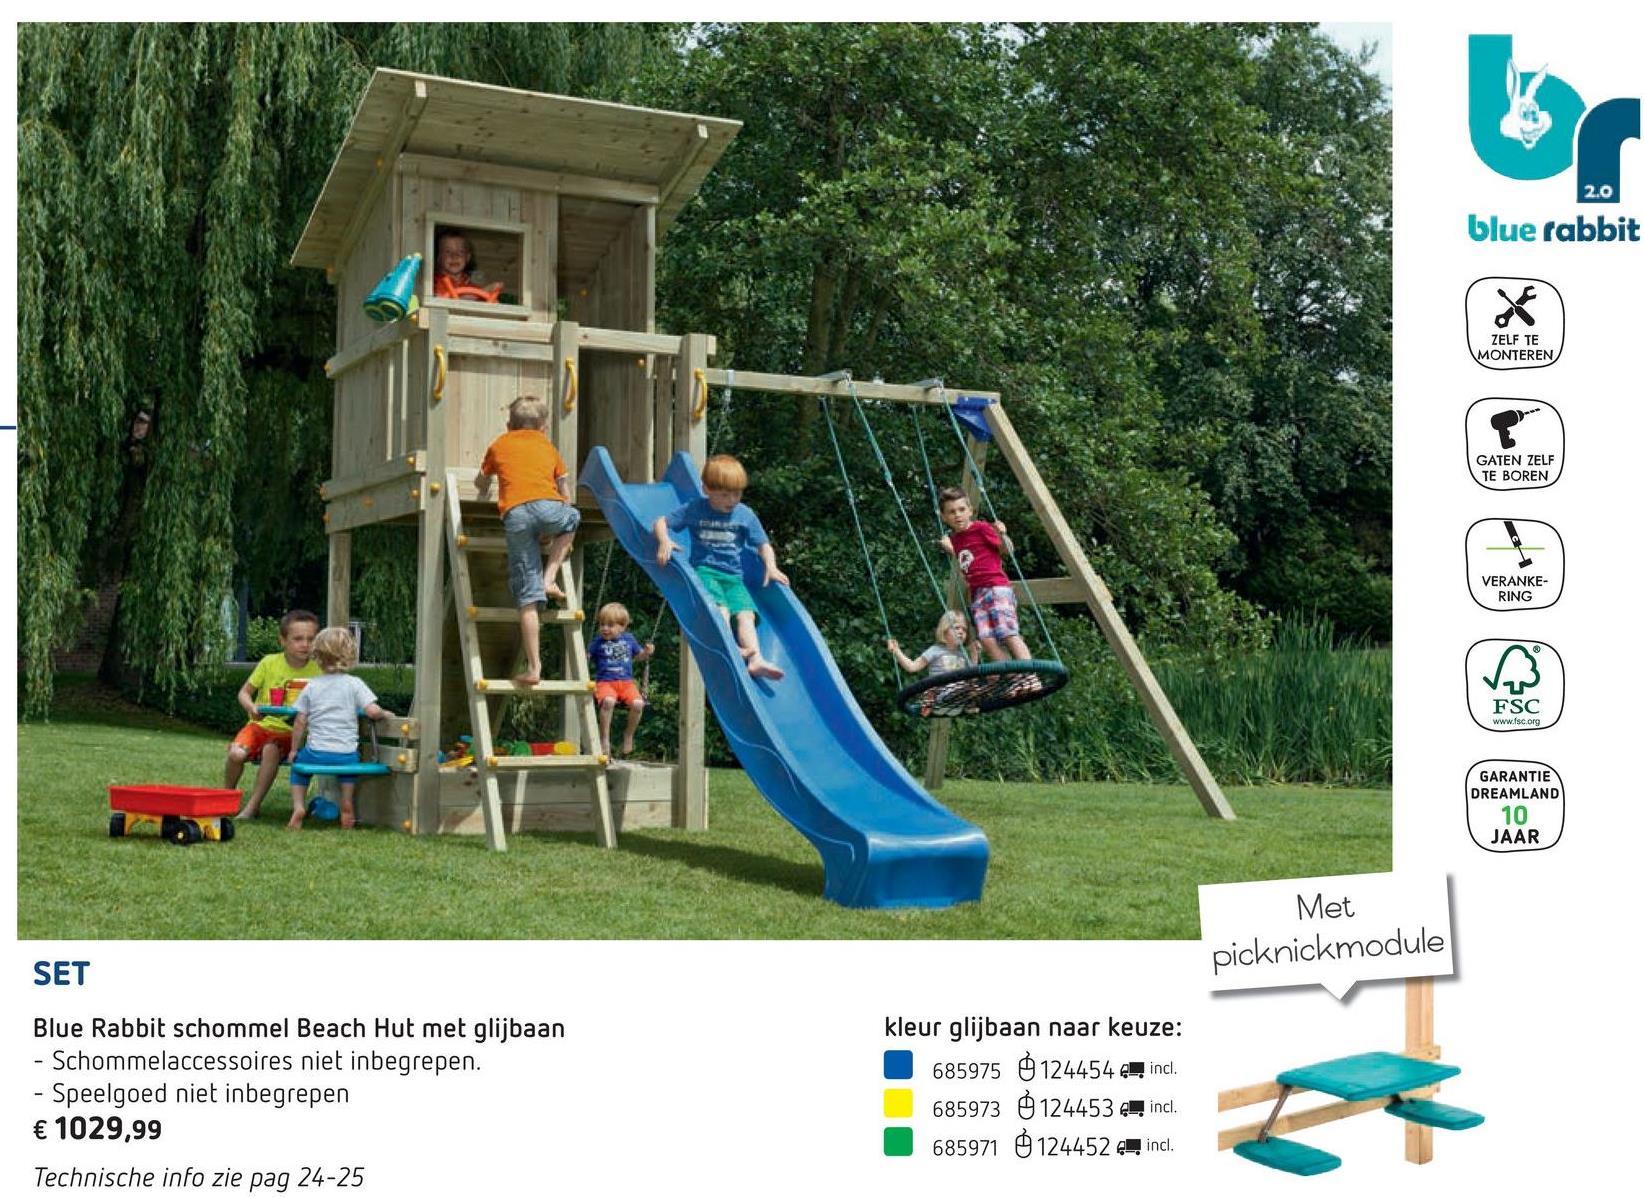 02b331b8de6 Dreamland. Blue Rabbit 2.0 schommel met speeltoren en glijbaan Beach Hut  blauw Met de schommel Beach Hut